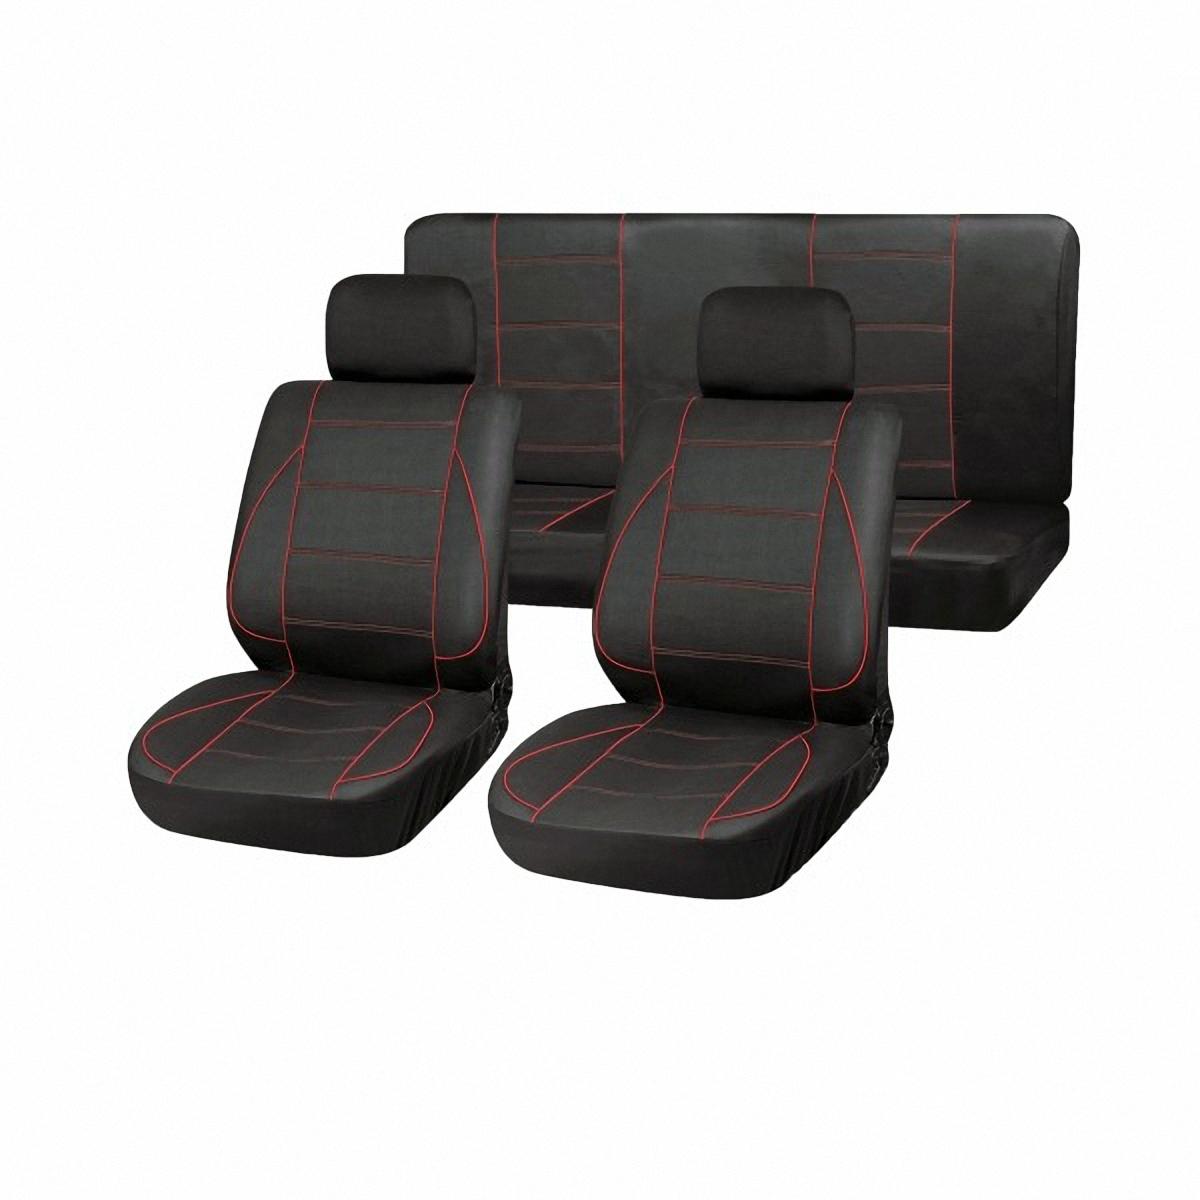 Чехлы автомобильные Skyway. SW-101070 BK/RD/S01301022SC-FD421005Комплект классических универсальных автомобильных чехлов Skyway изготовлен из полиэстера. Чехлы защитят обивку сидений от вытирания и выцветания. Благодаря структуре ткани, обеспечивается улучшенная вентиляция кресел, что позволяет сделать более комфортными долгое пребывание за рулем во время дальней поездки.